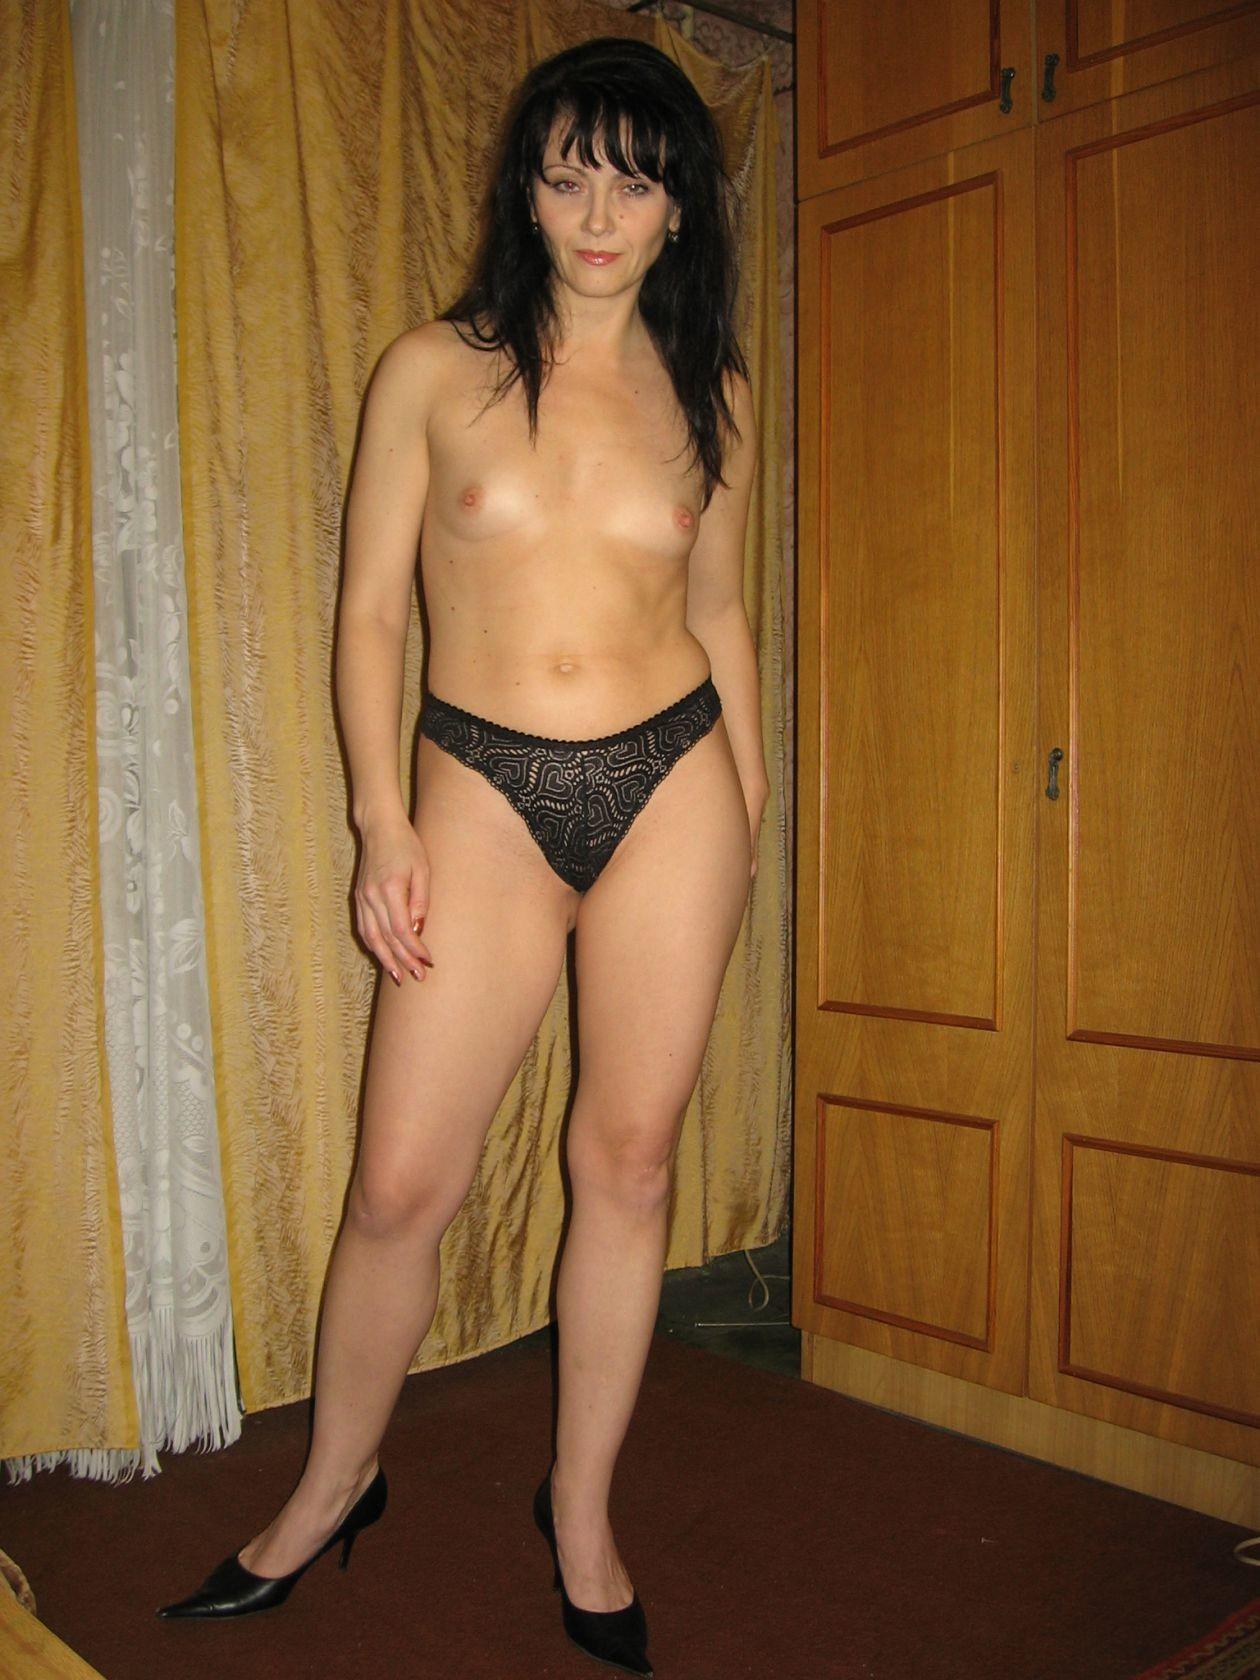 Брюнетка позирует в разных образах, но в каждом из них она обладает особой сексуальностью